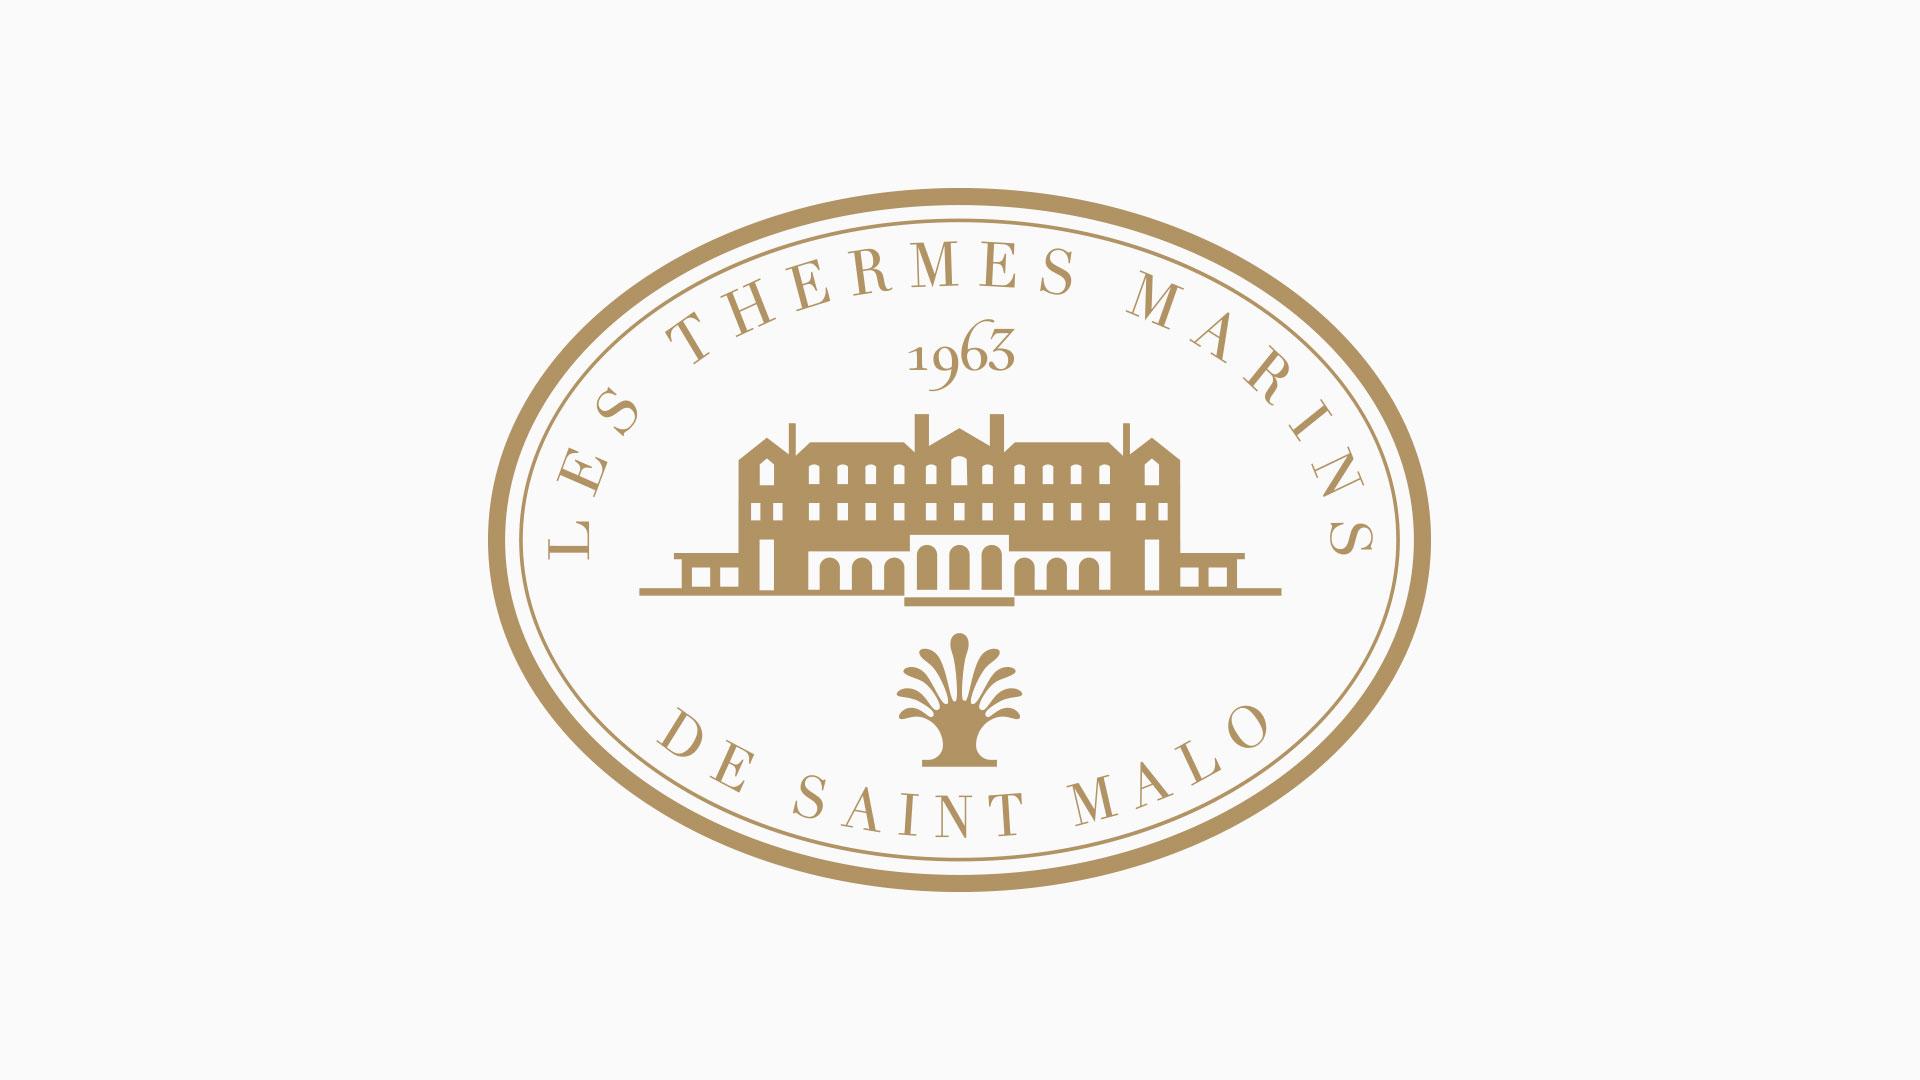 Thermes Marins de Saint-Malo